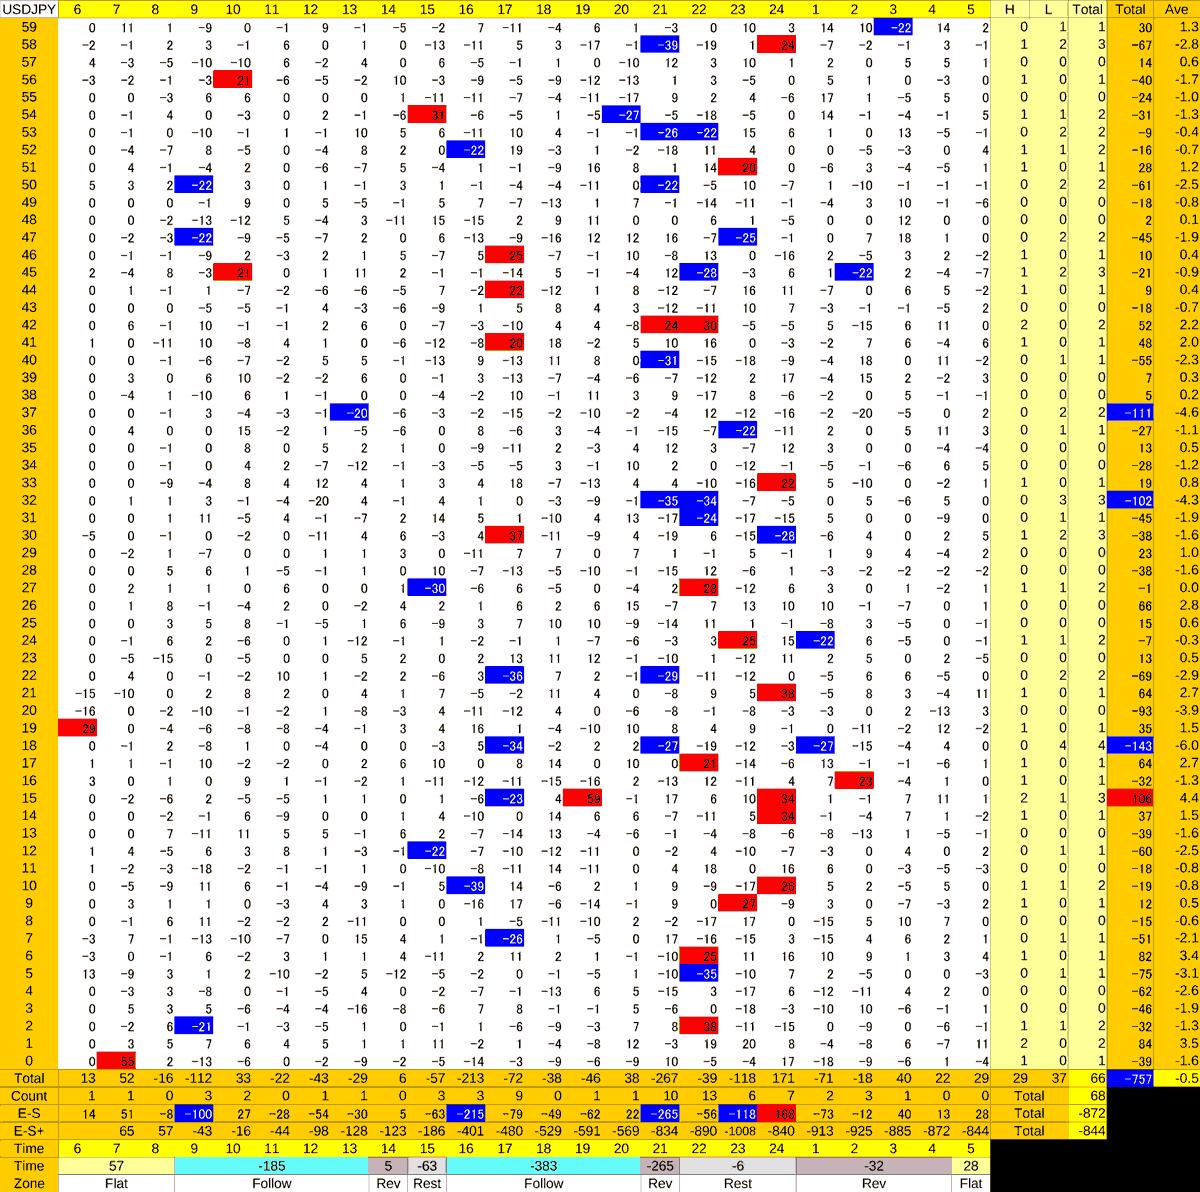 20201021_HS(1)USDJPY